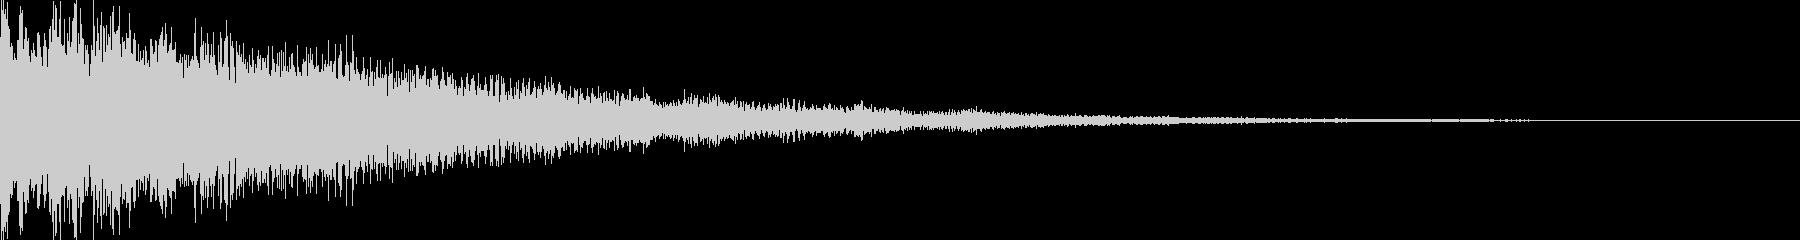 明るく神秘的な効果音の未再生の波形